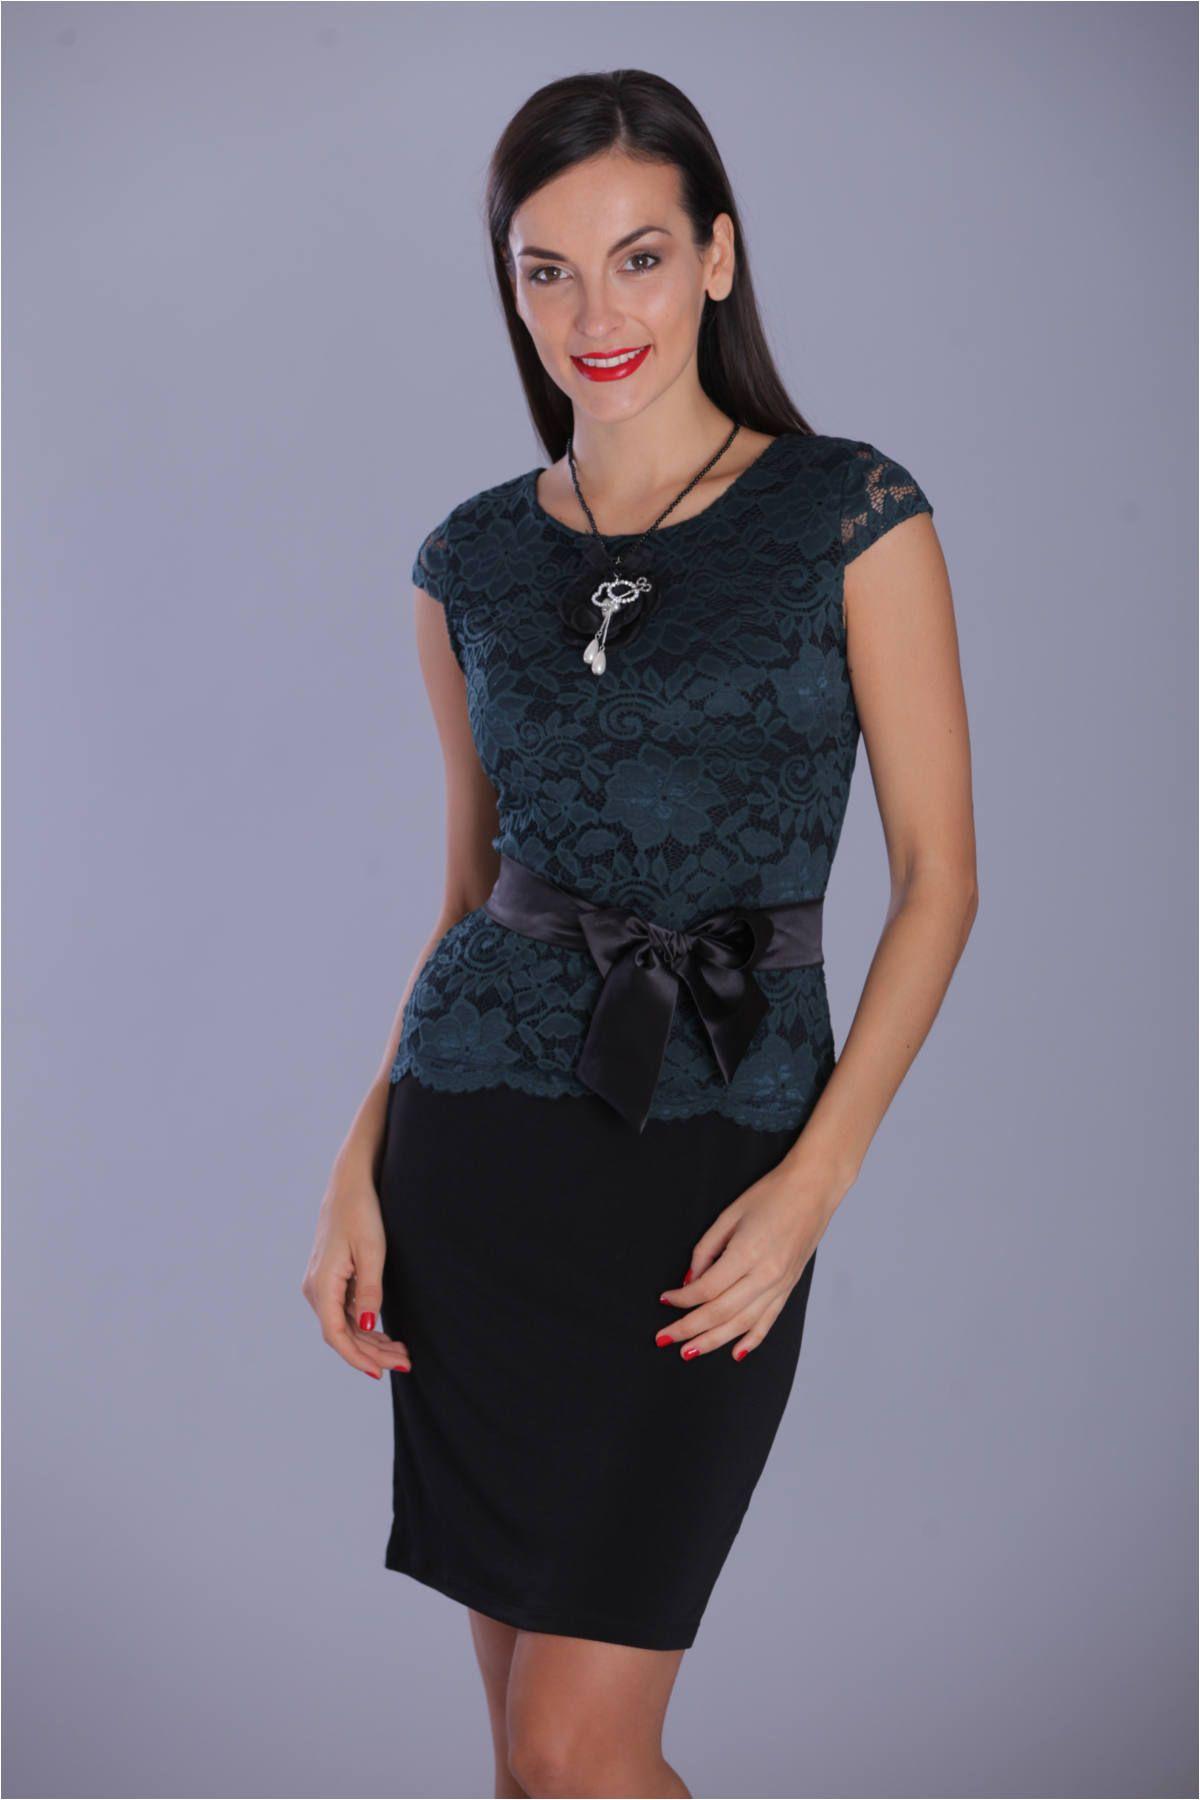 357f98e117 Lily csipkés ruha , szatén övvel - OUTLET - Blue Nature webshop ...: